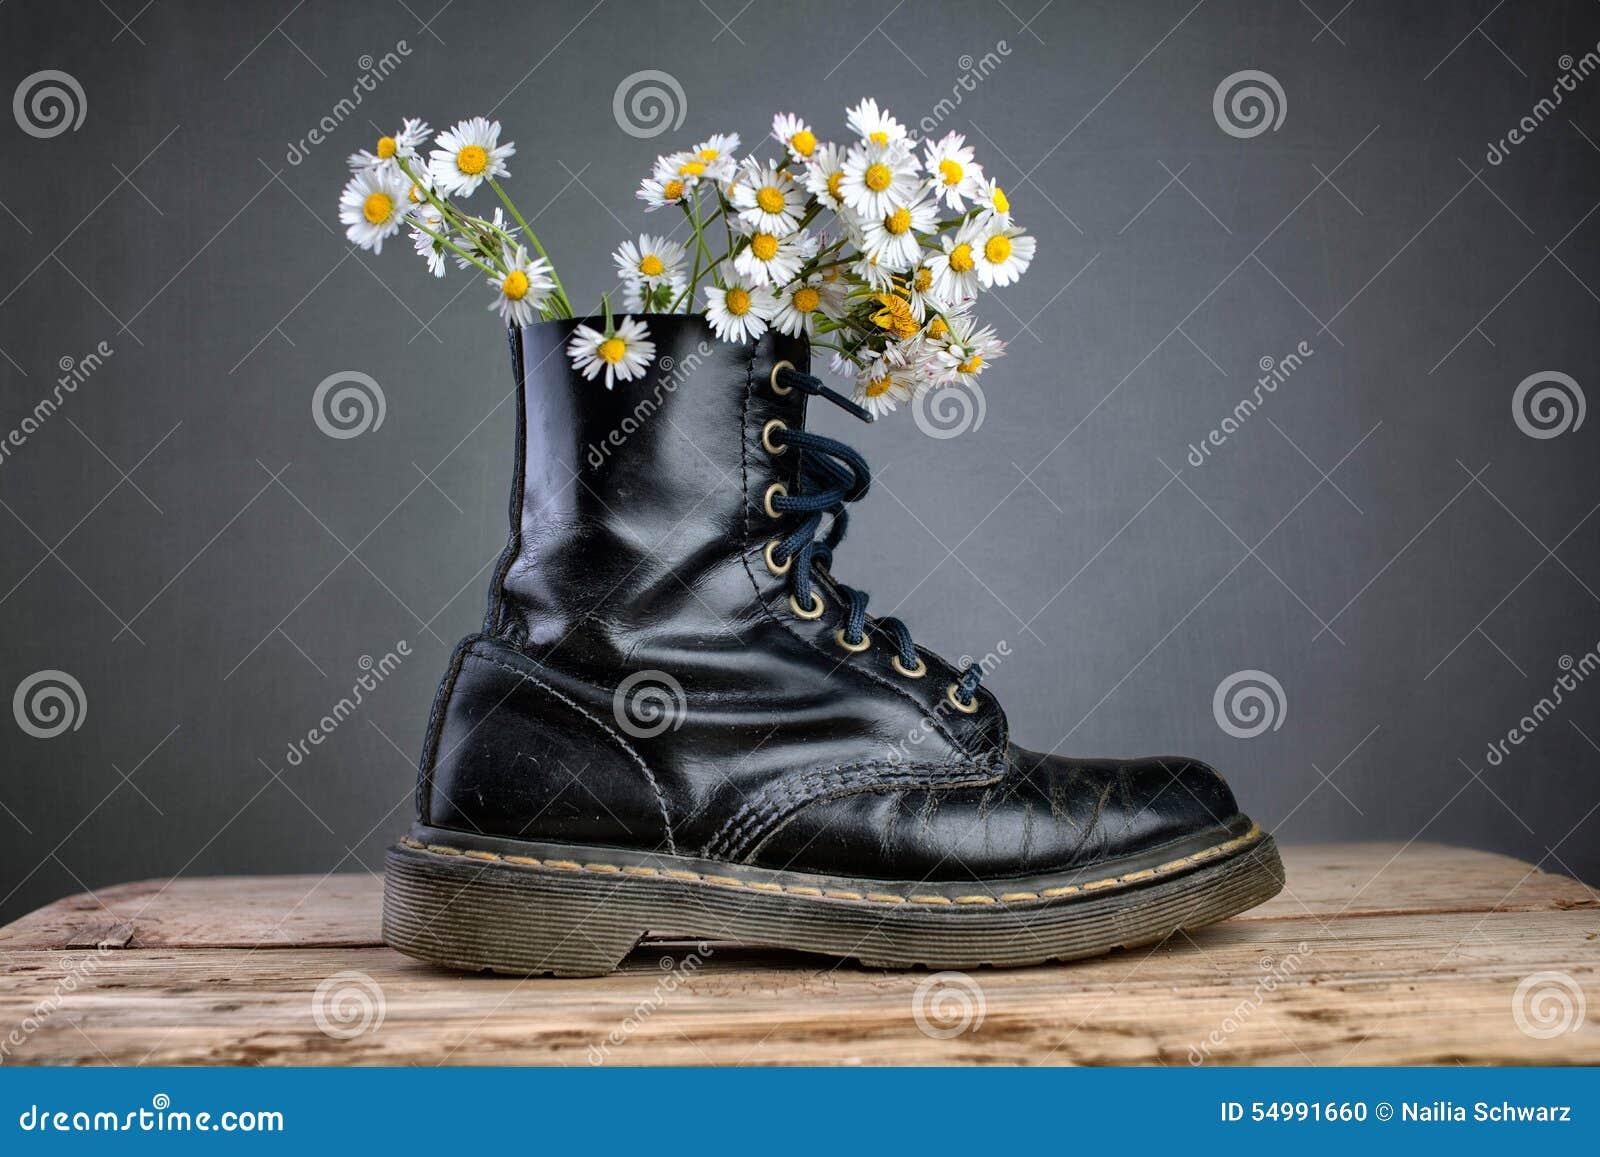 Kängor med Daisy Flowers